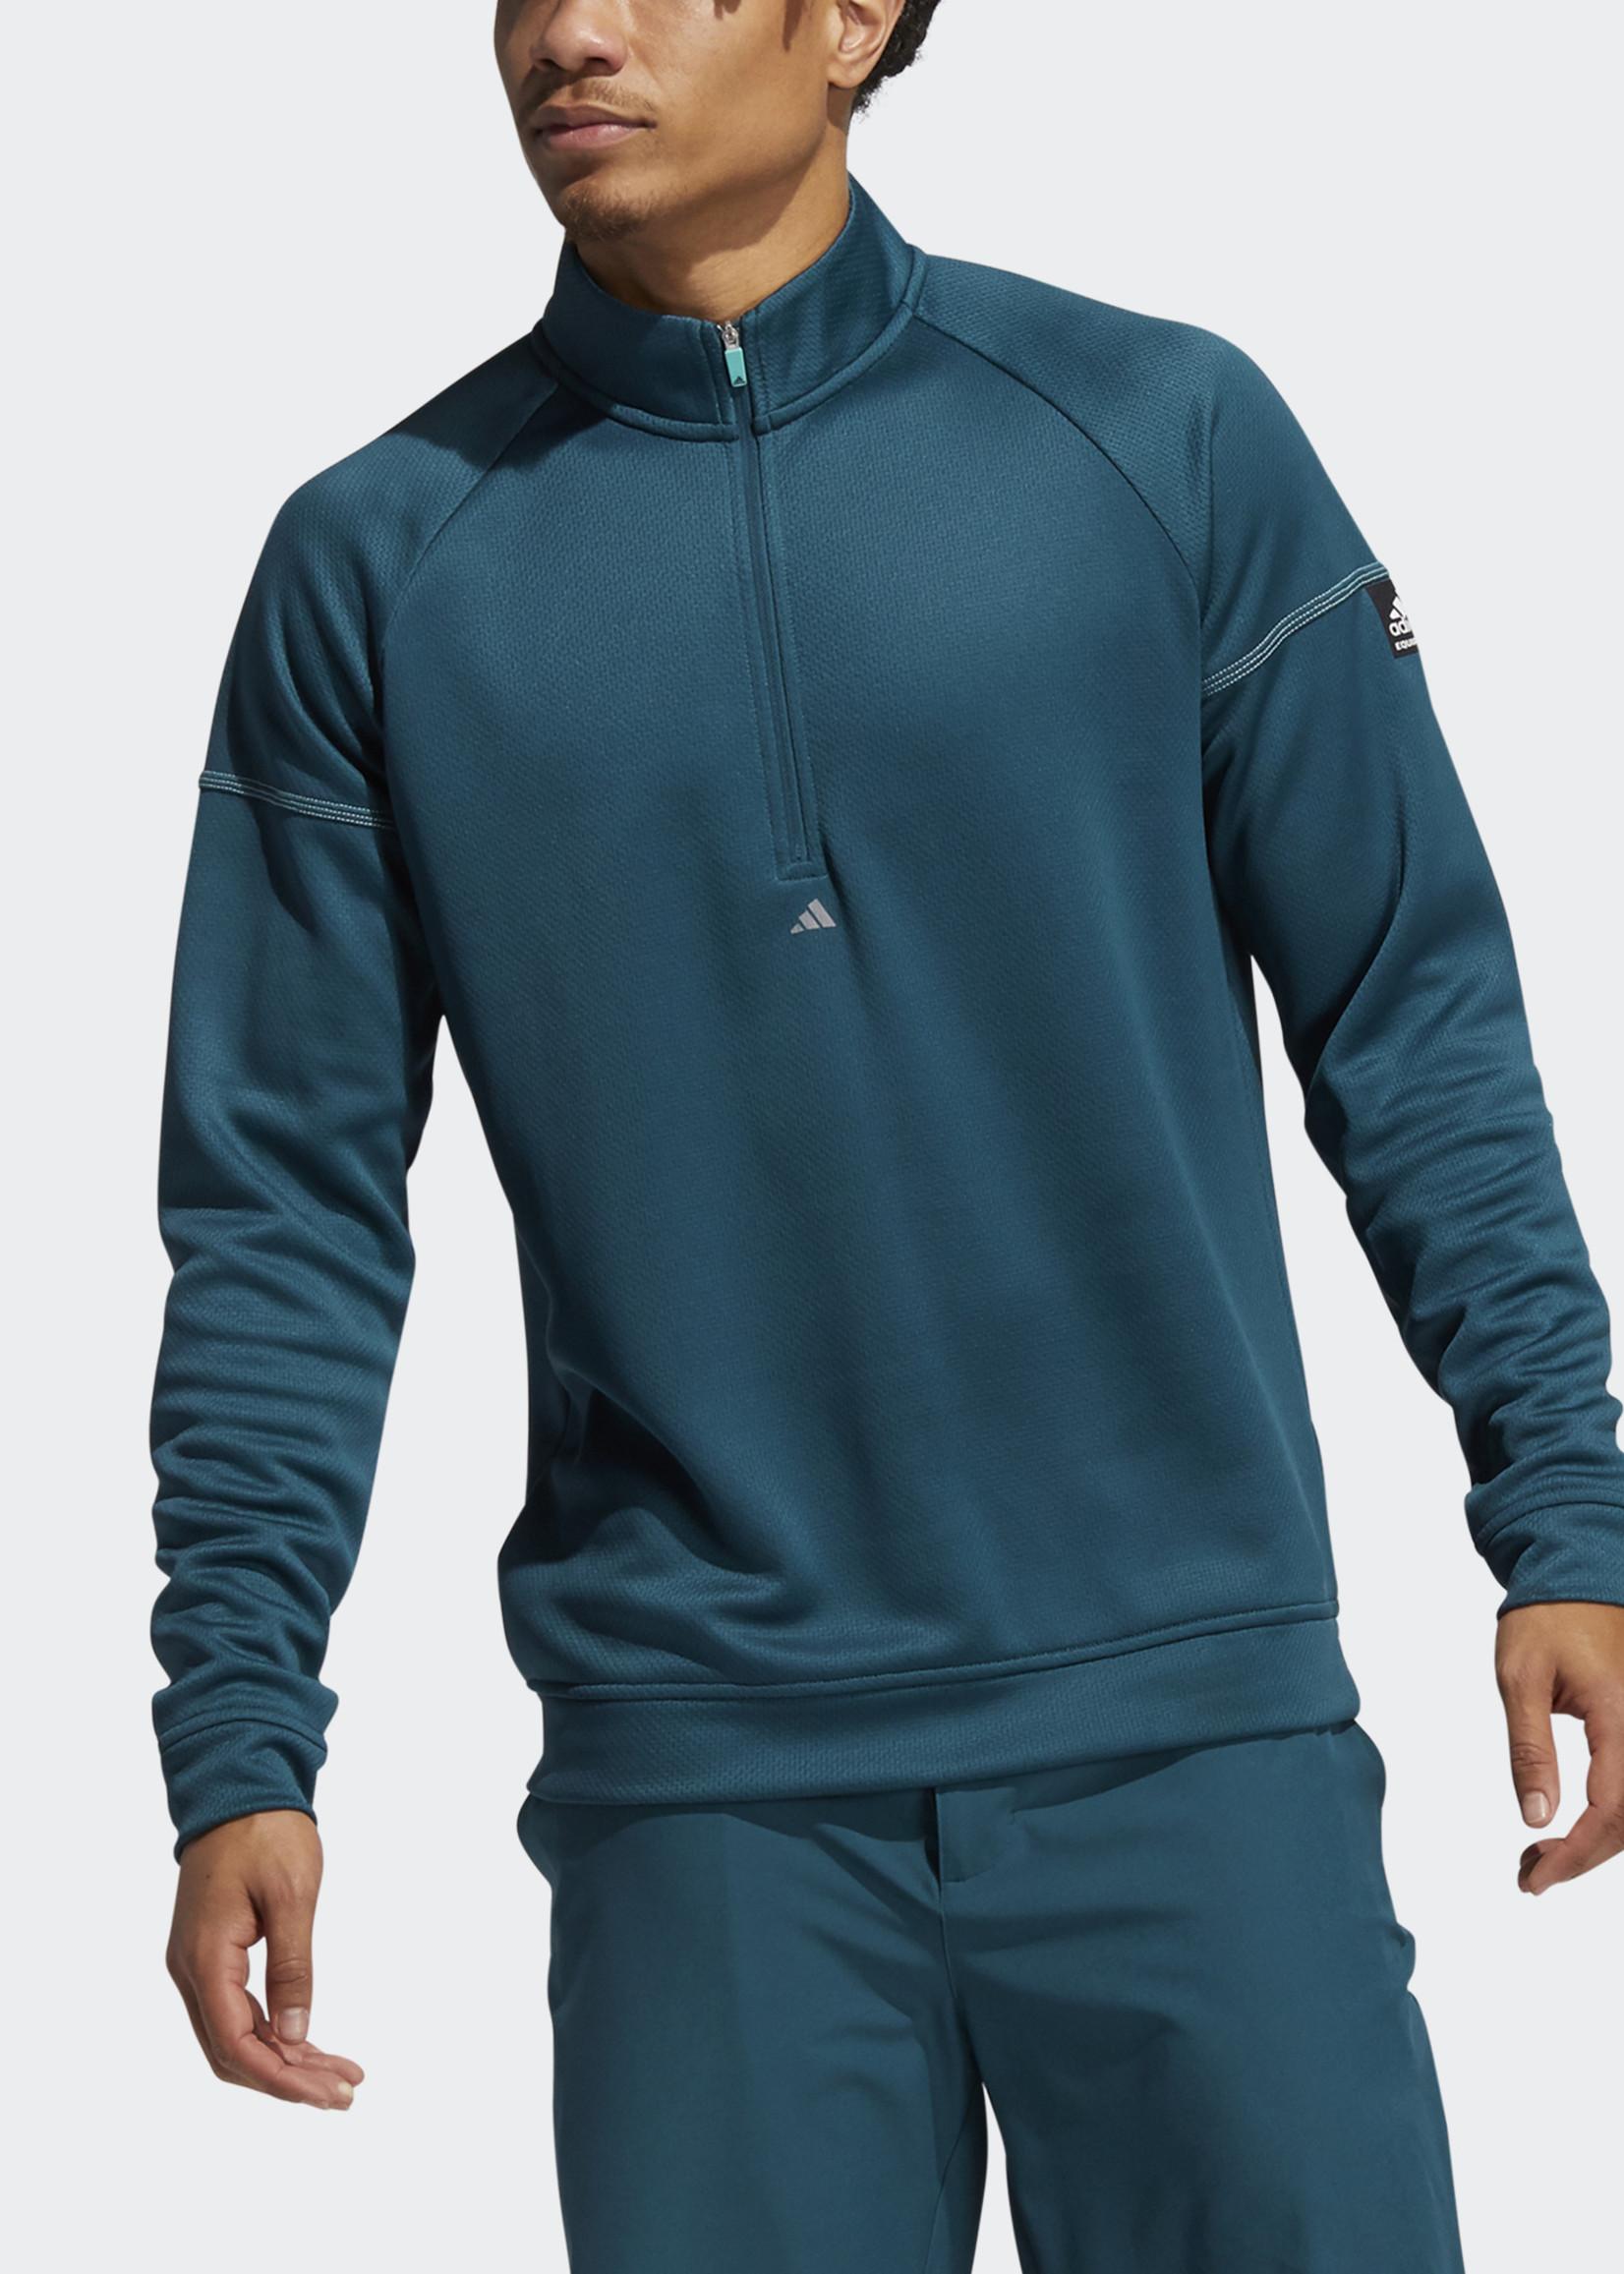 Adidas EQUIPMENT 1/4 ZIP SWEATSHIRT Groen